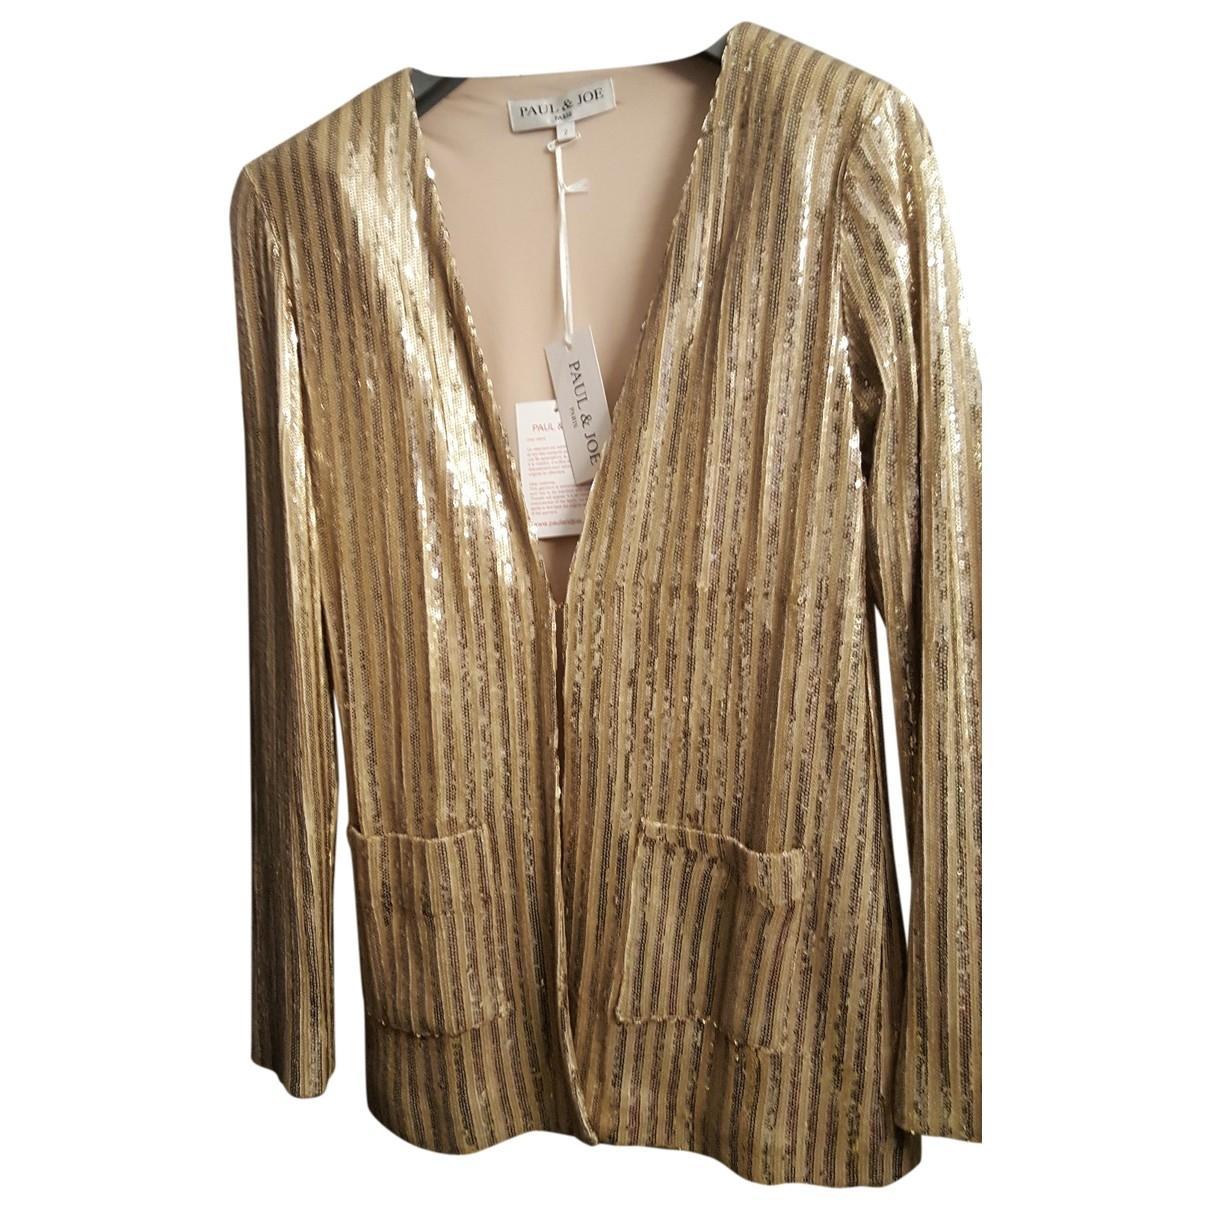 Paul & Joe \N Gold Glitter jacket for Women 38 FR